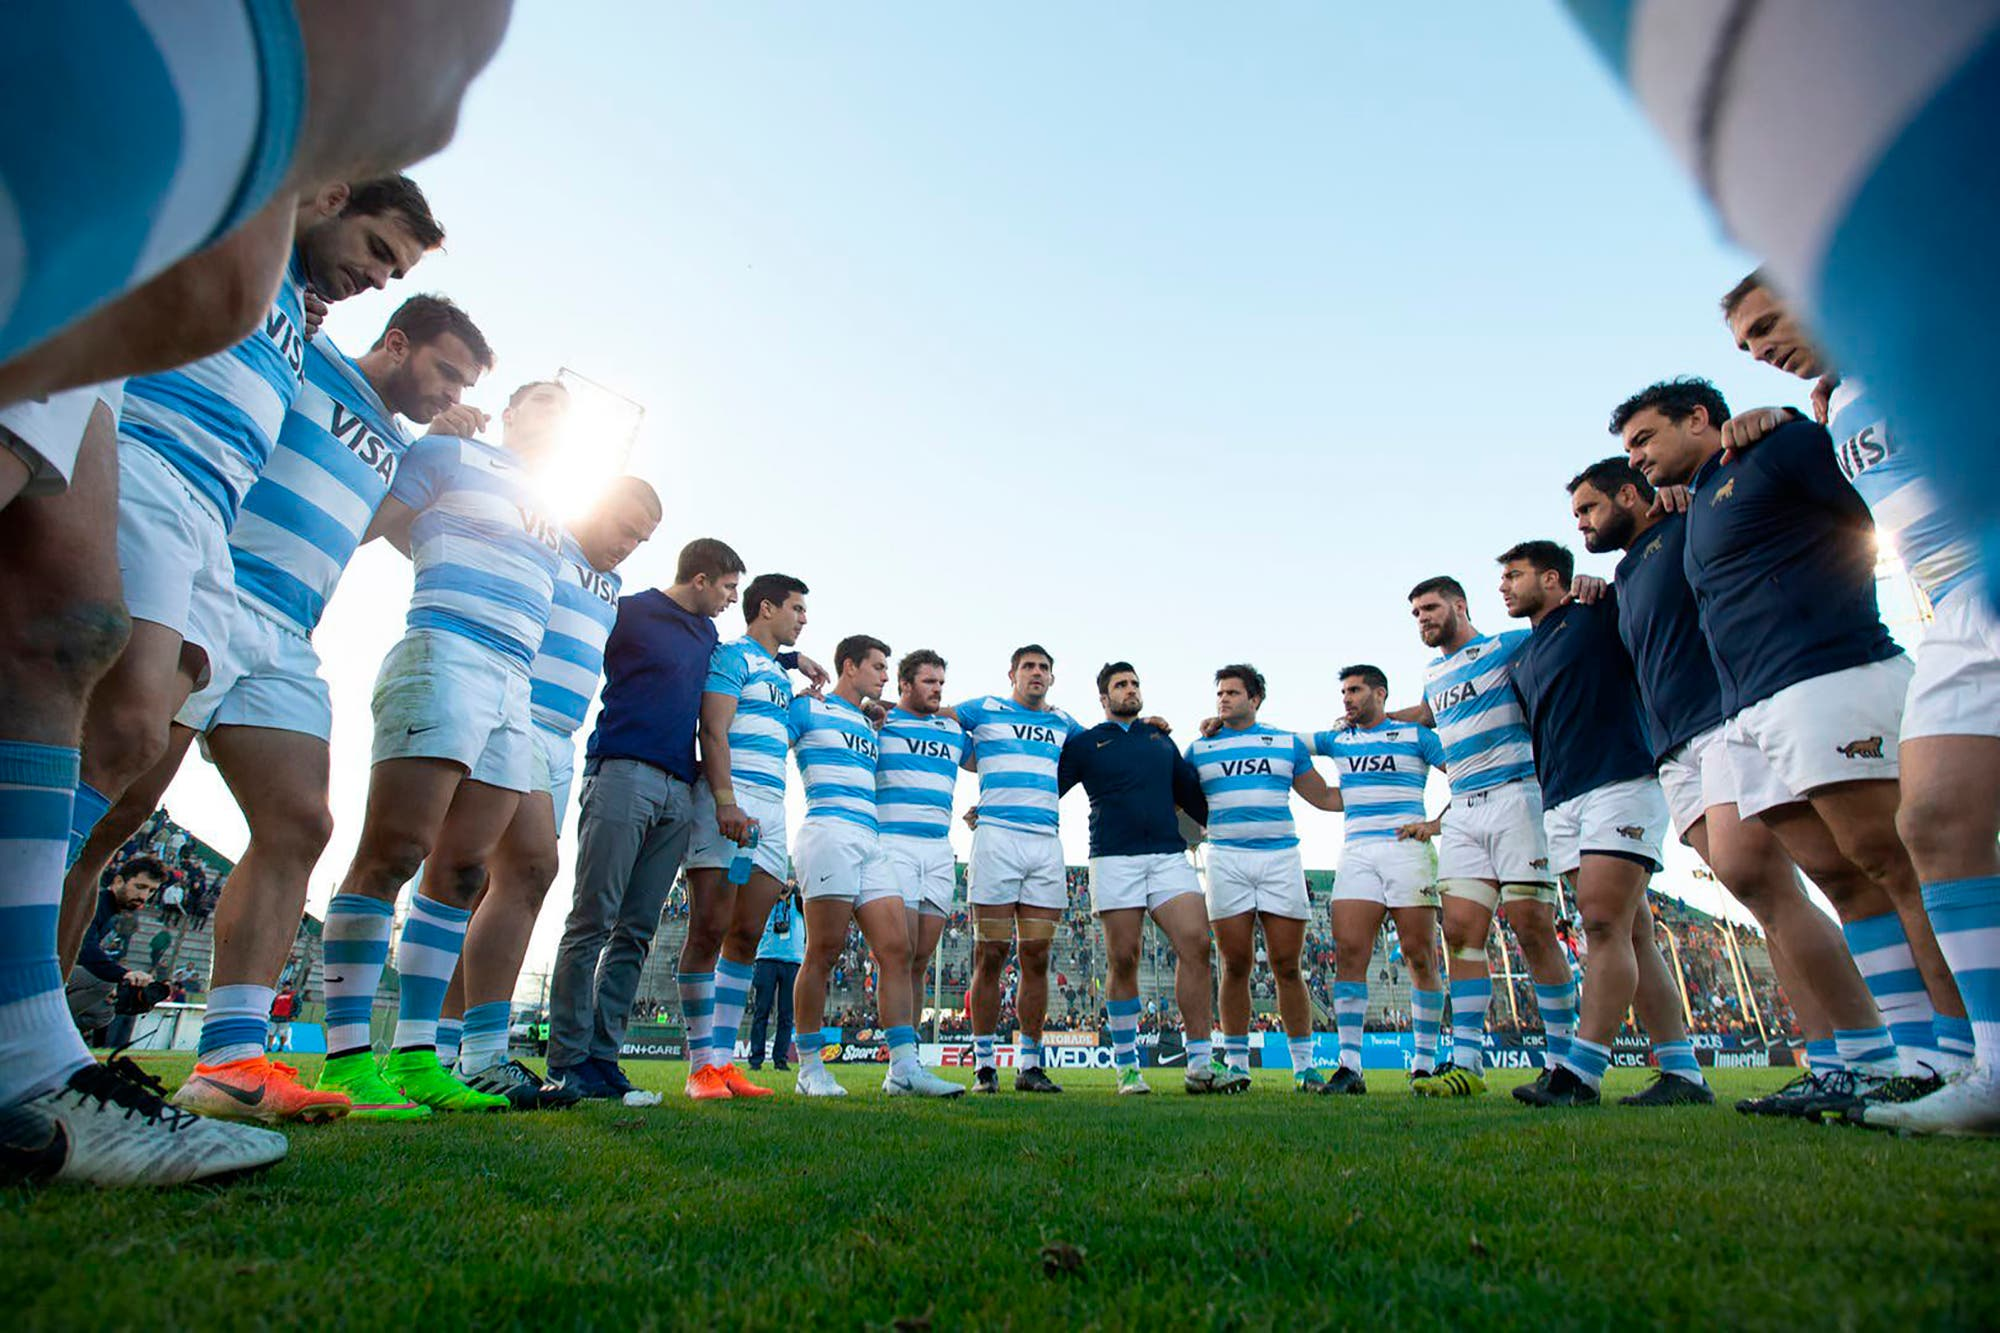 La columna de Jorge Búsico: 2021, el año de apagar Twitter para el rugby